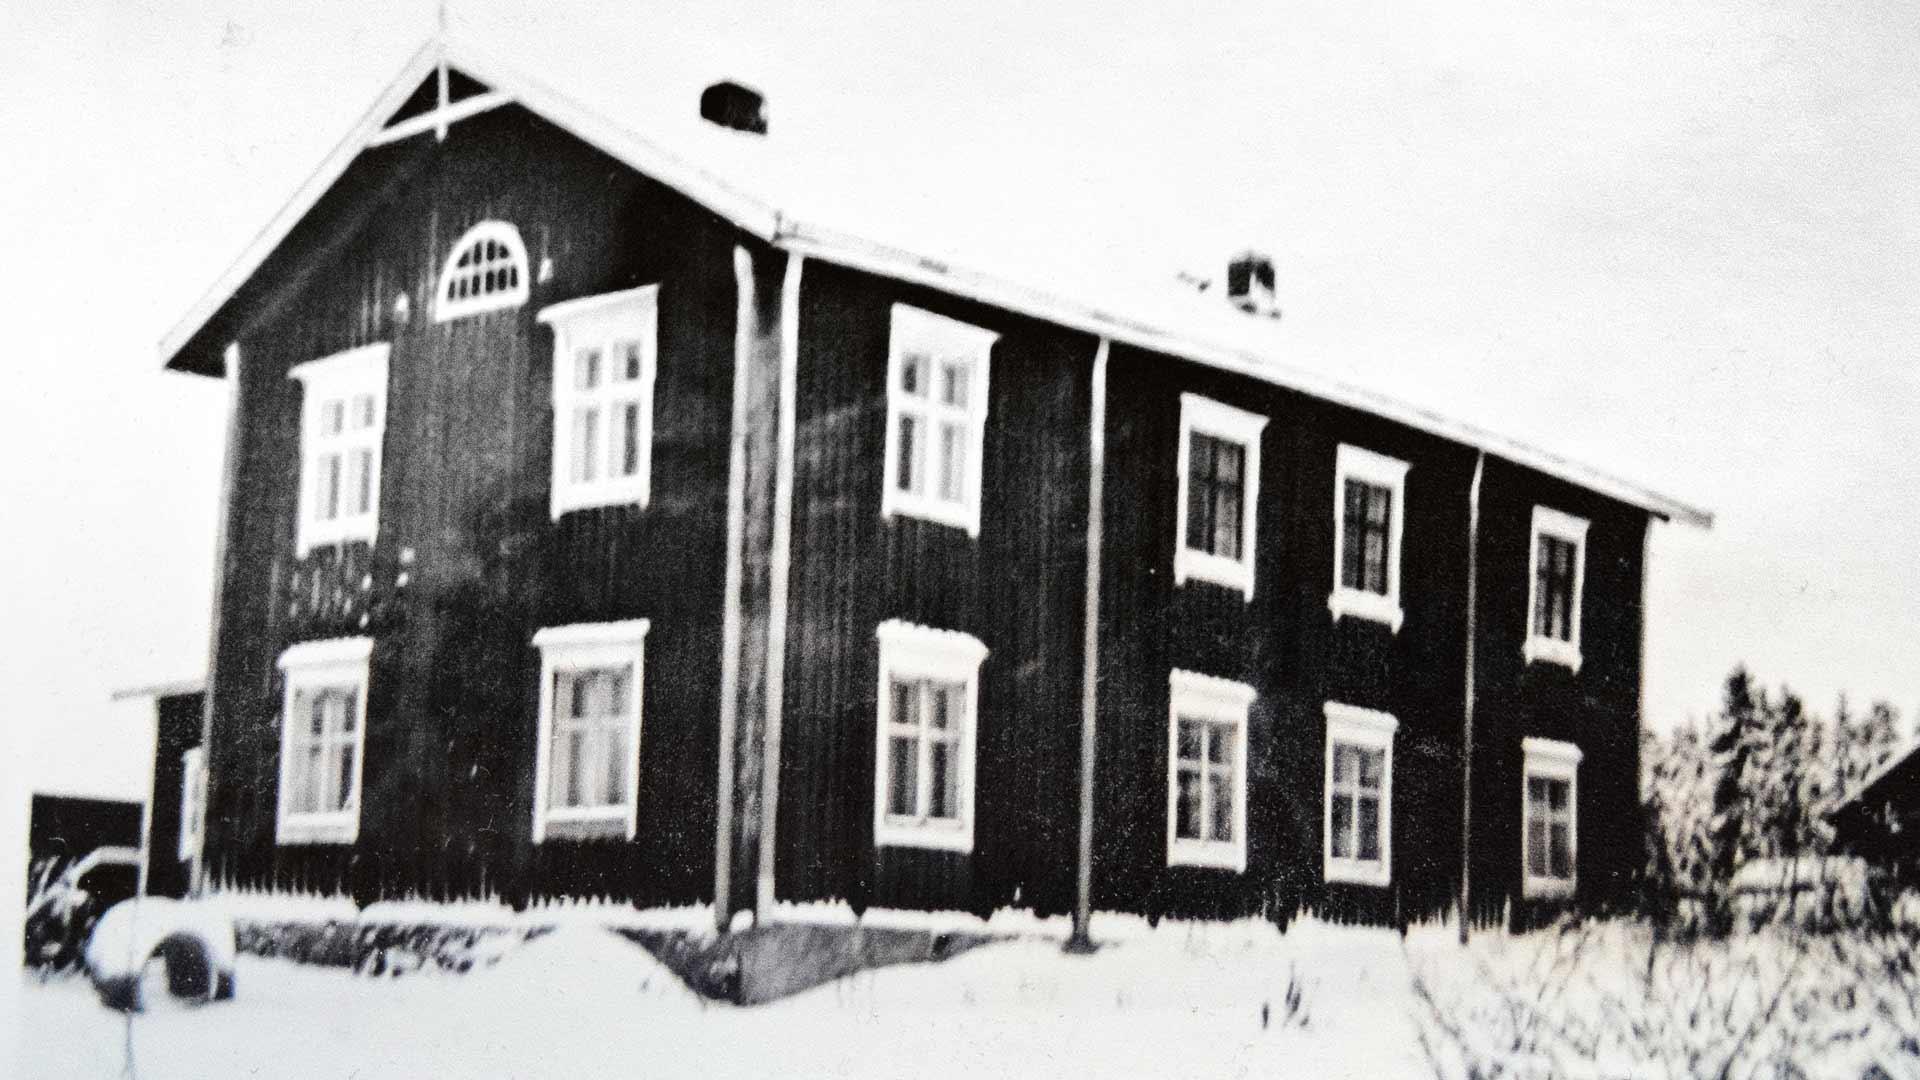 Nelosten koti oli komeassa pohjalaistalossa, Isonkyrön vanhassa pappilassa, joka oli siirretty uusille sijoilleen. Talossa oli seitsemän huonetta ja kaksi keittiötä. Siinä asuu edelleen Jouppilan sukua.